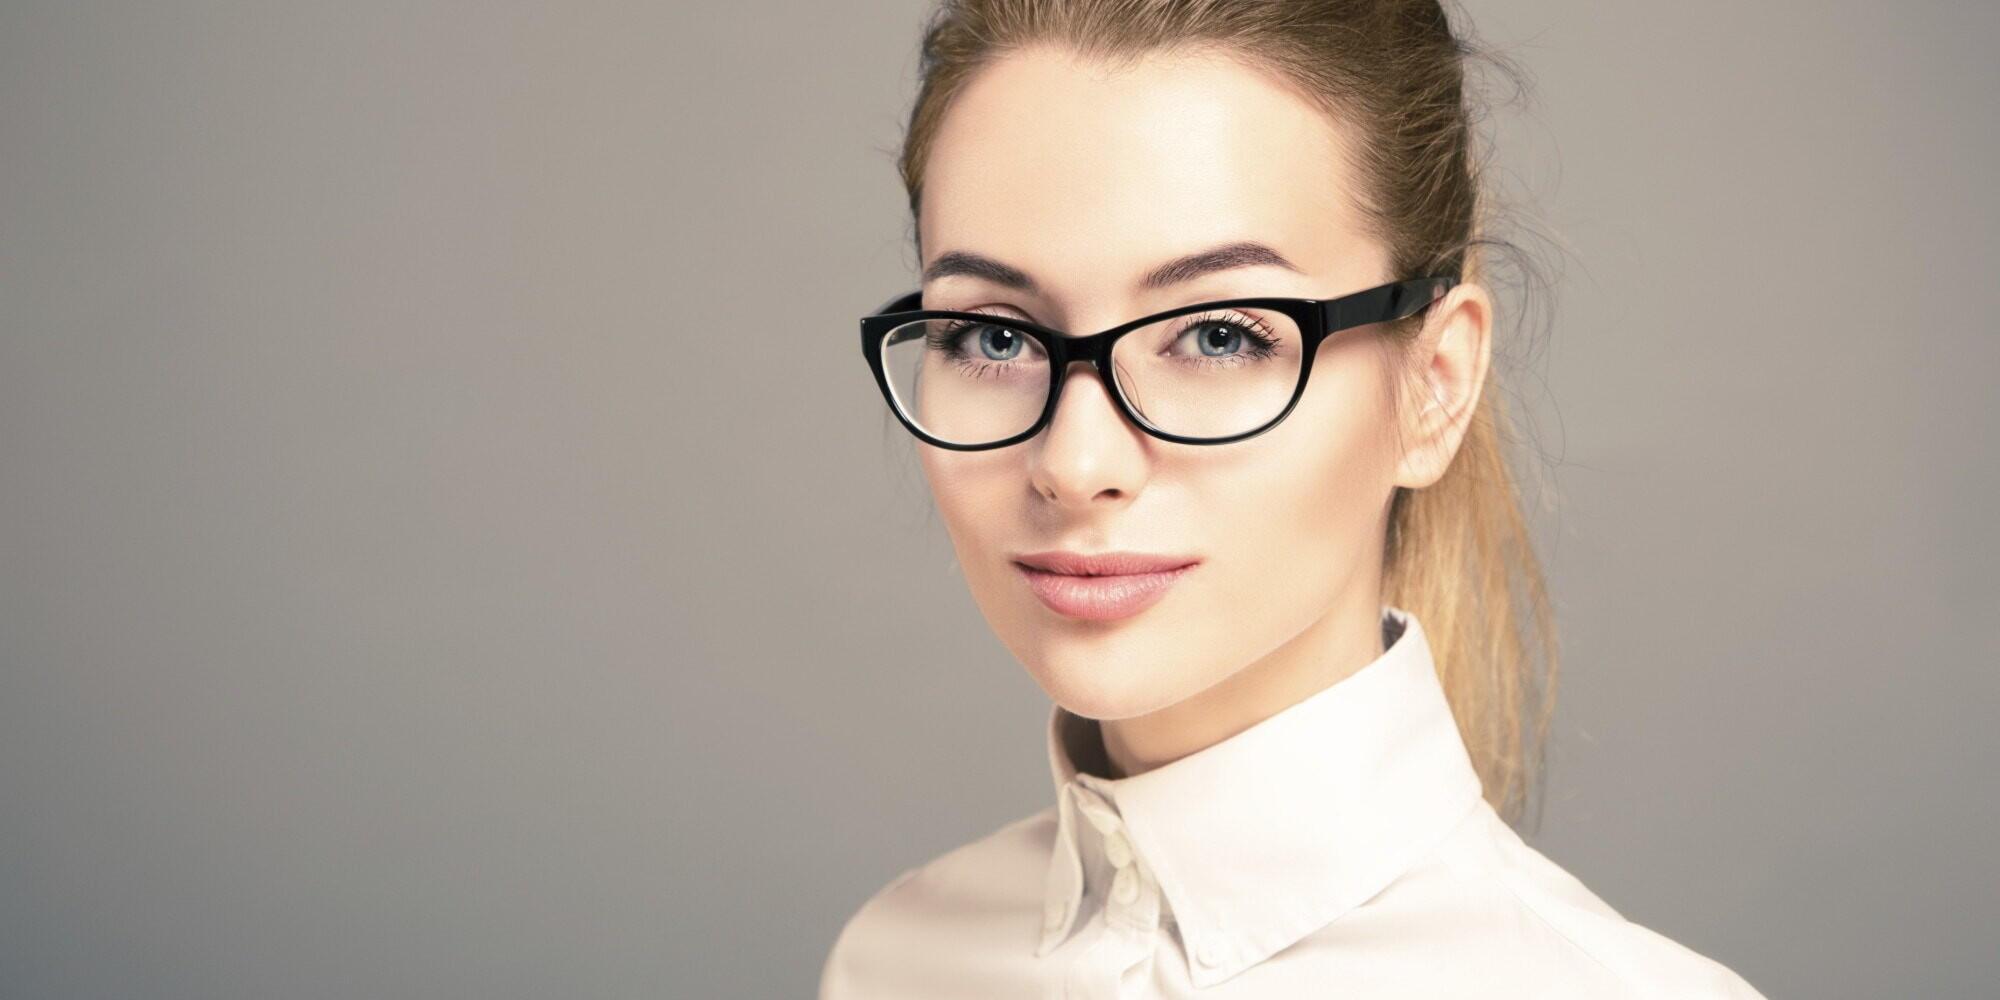 очки мода 2019 женские